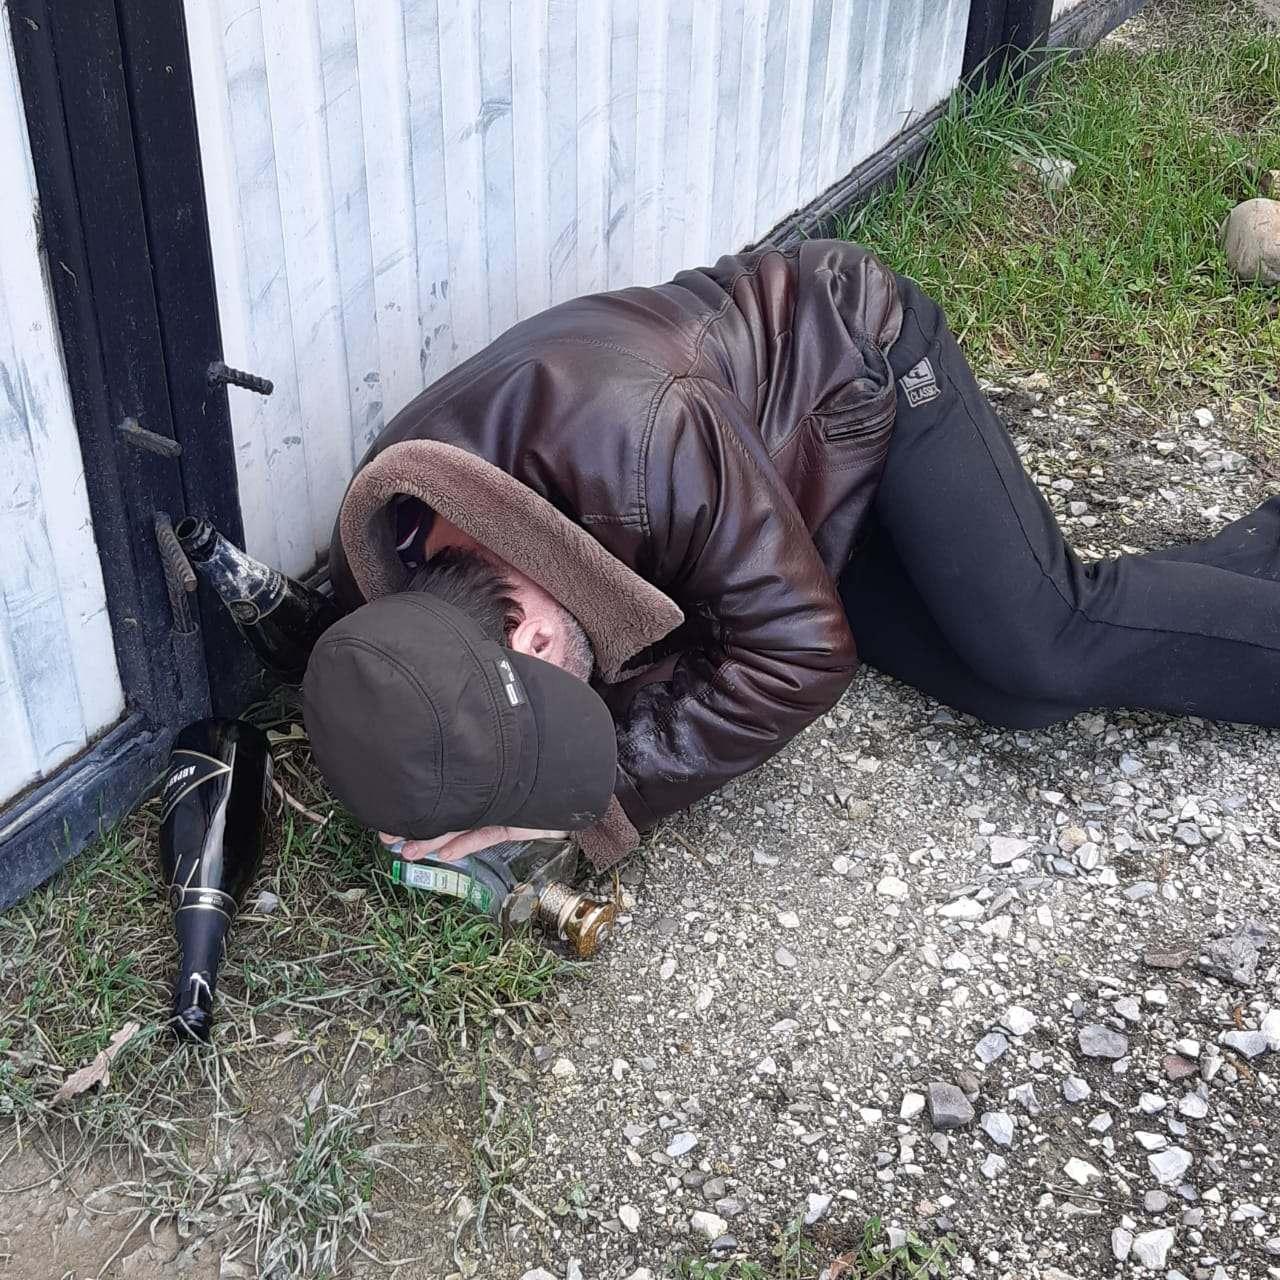 В Новороссийск возвращается вытрезвитель? Как мы без него 10 лет прожили?